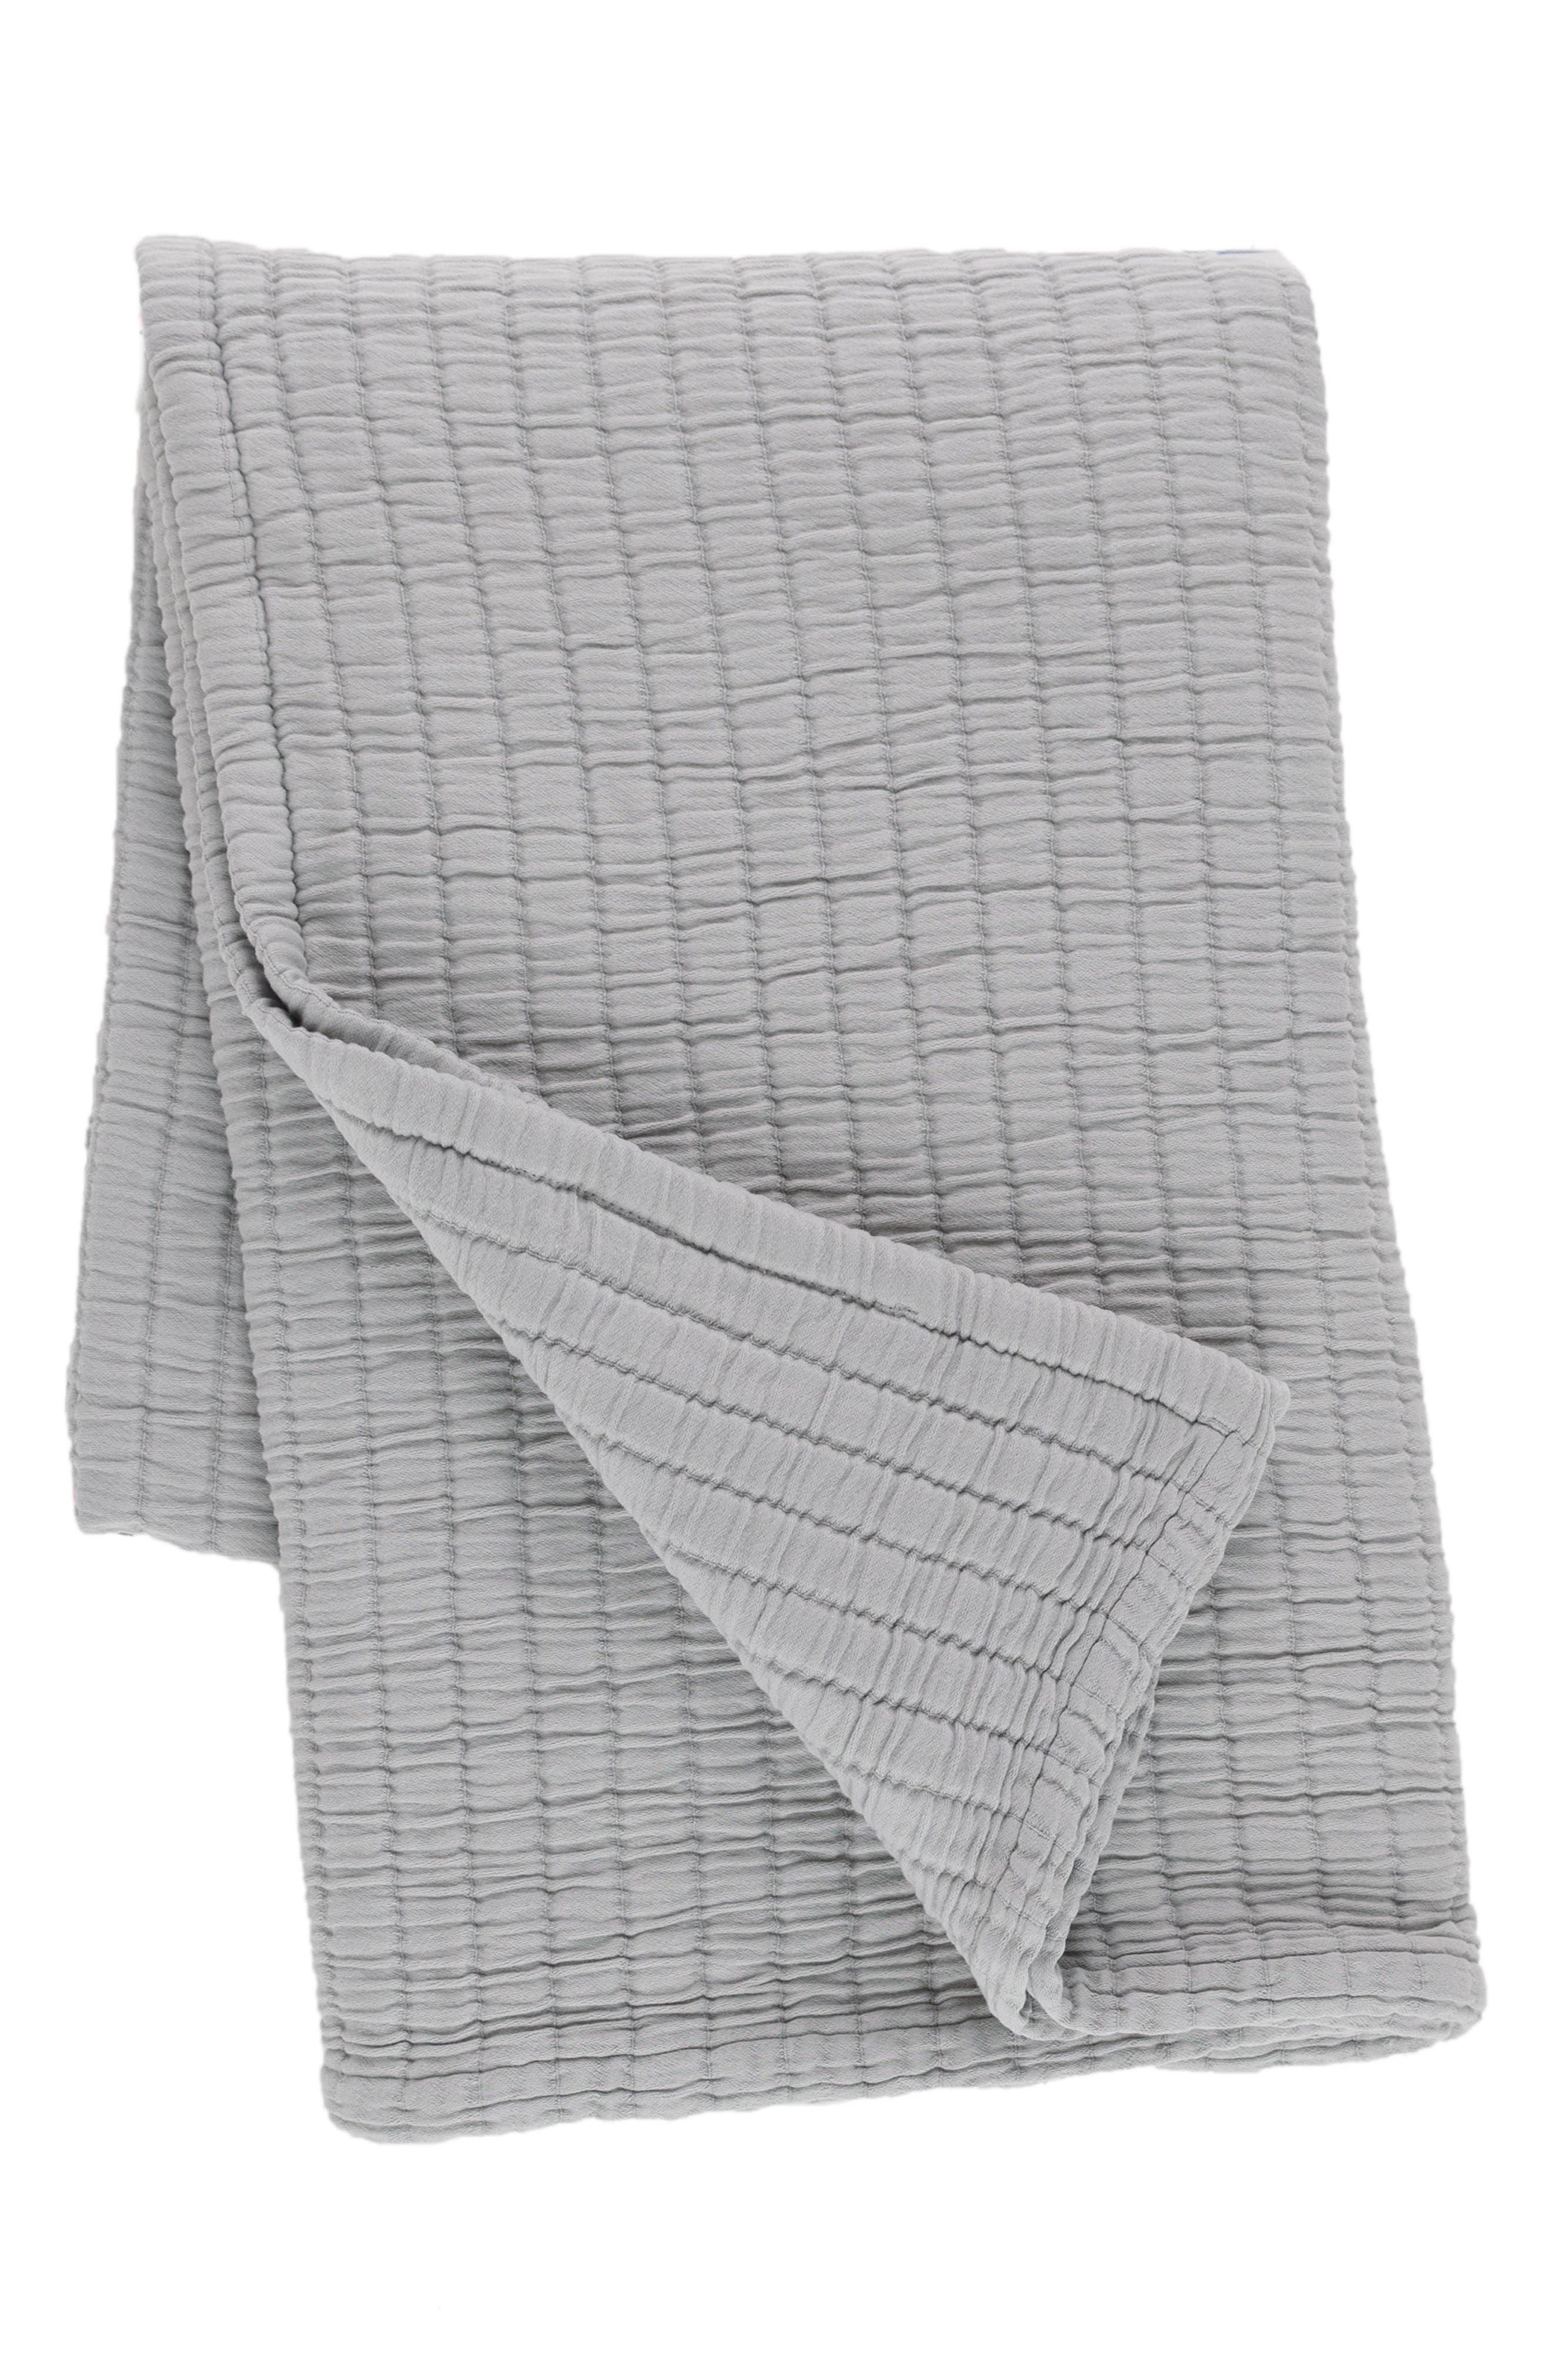 Matelassé Throw,                         Main,                         color, Grey